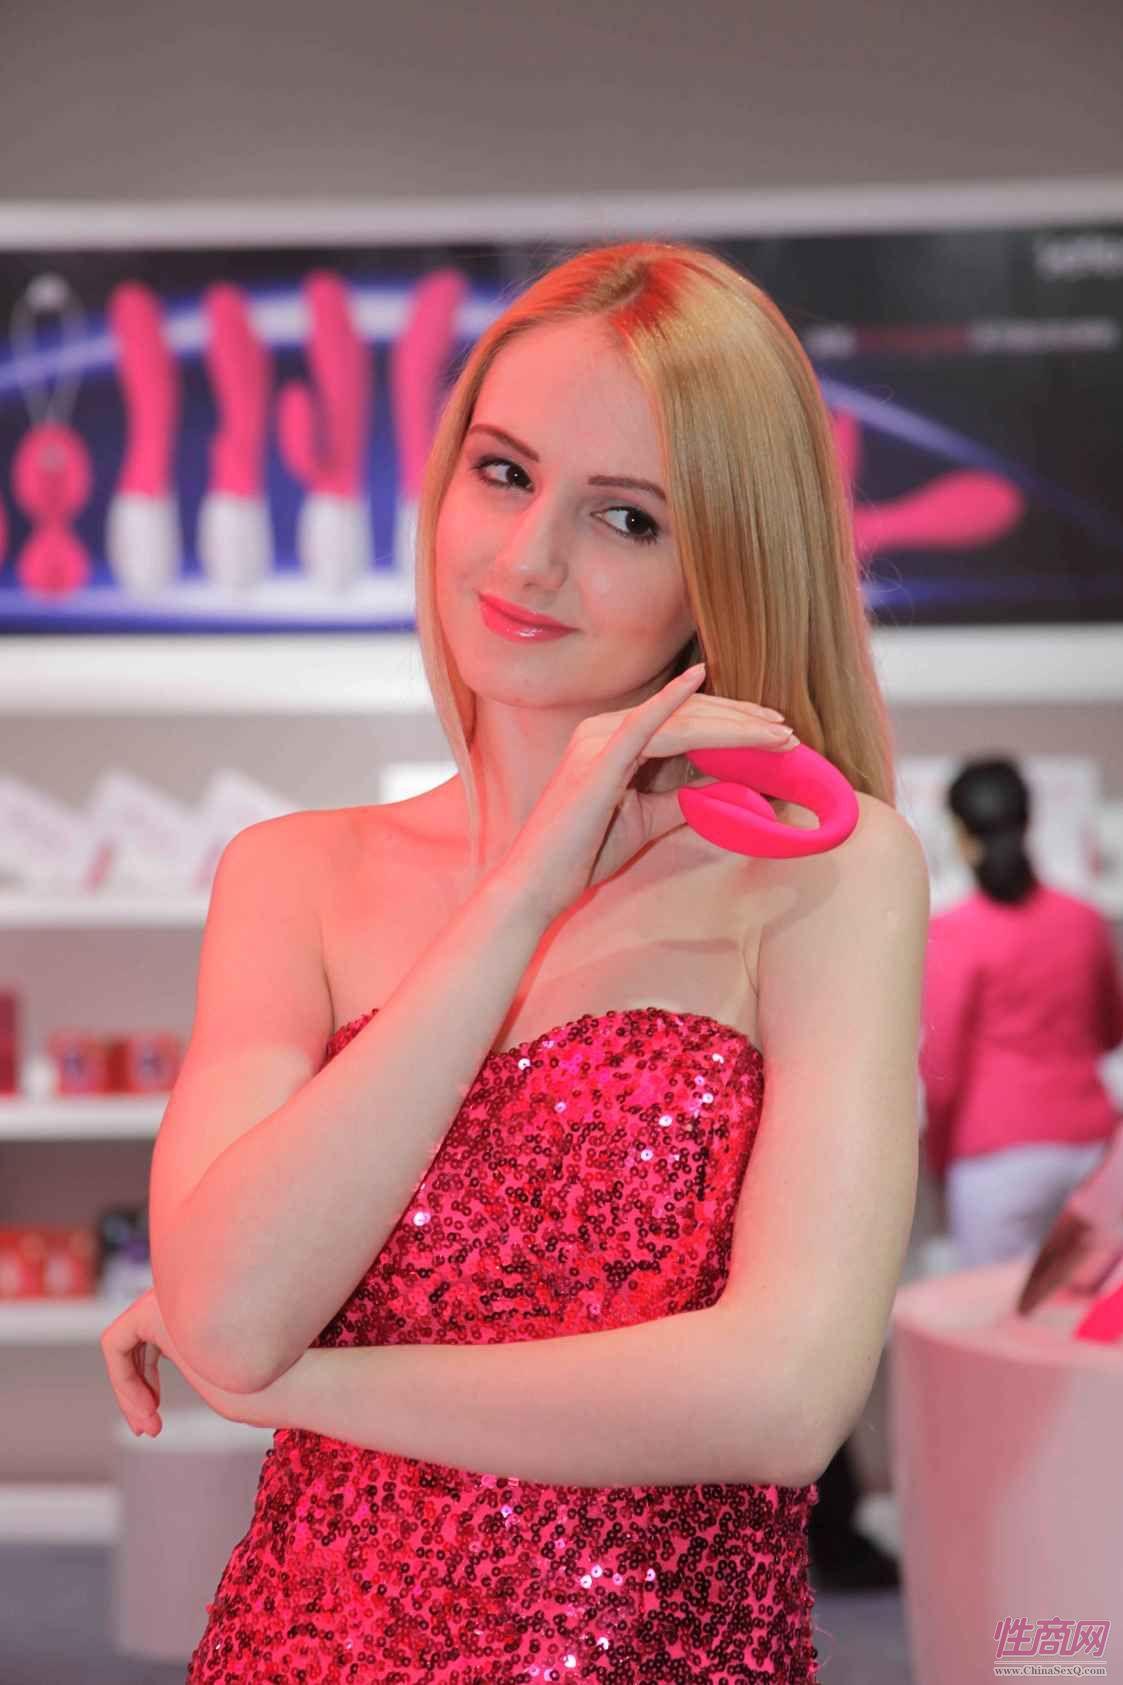 性商网美女记者带你看2015年上海成人展图片46